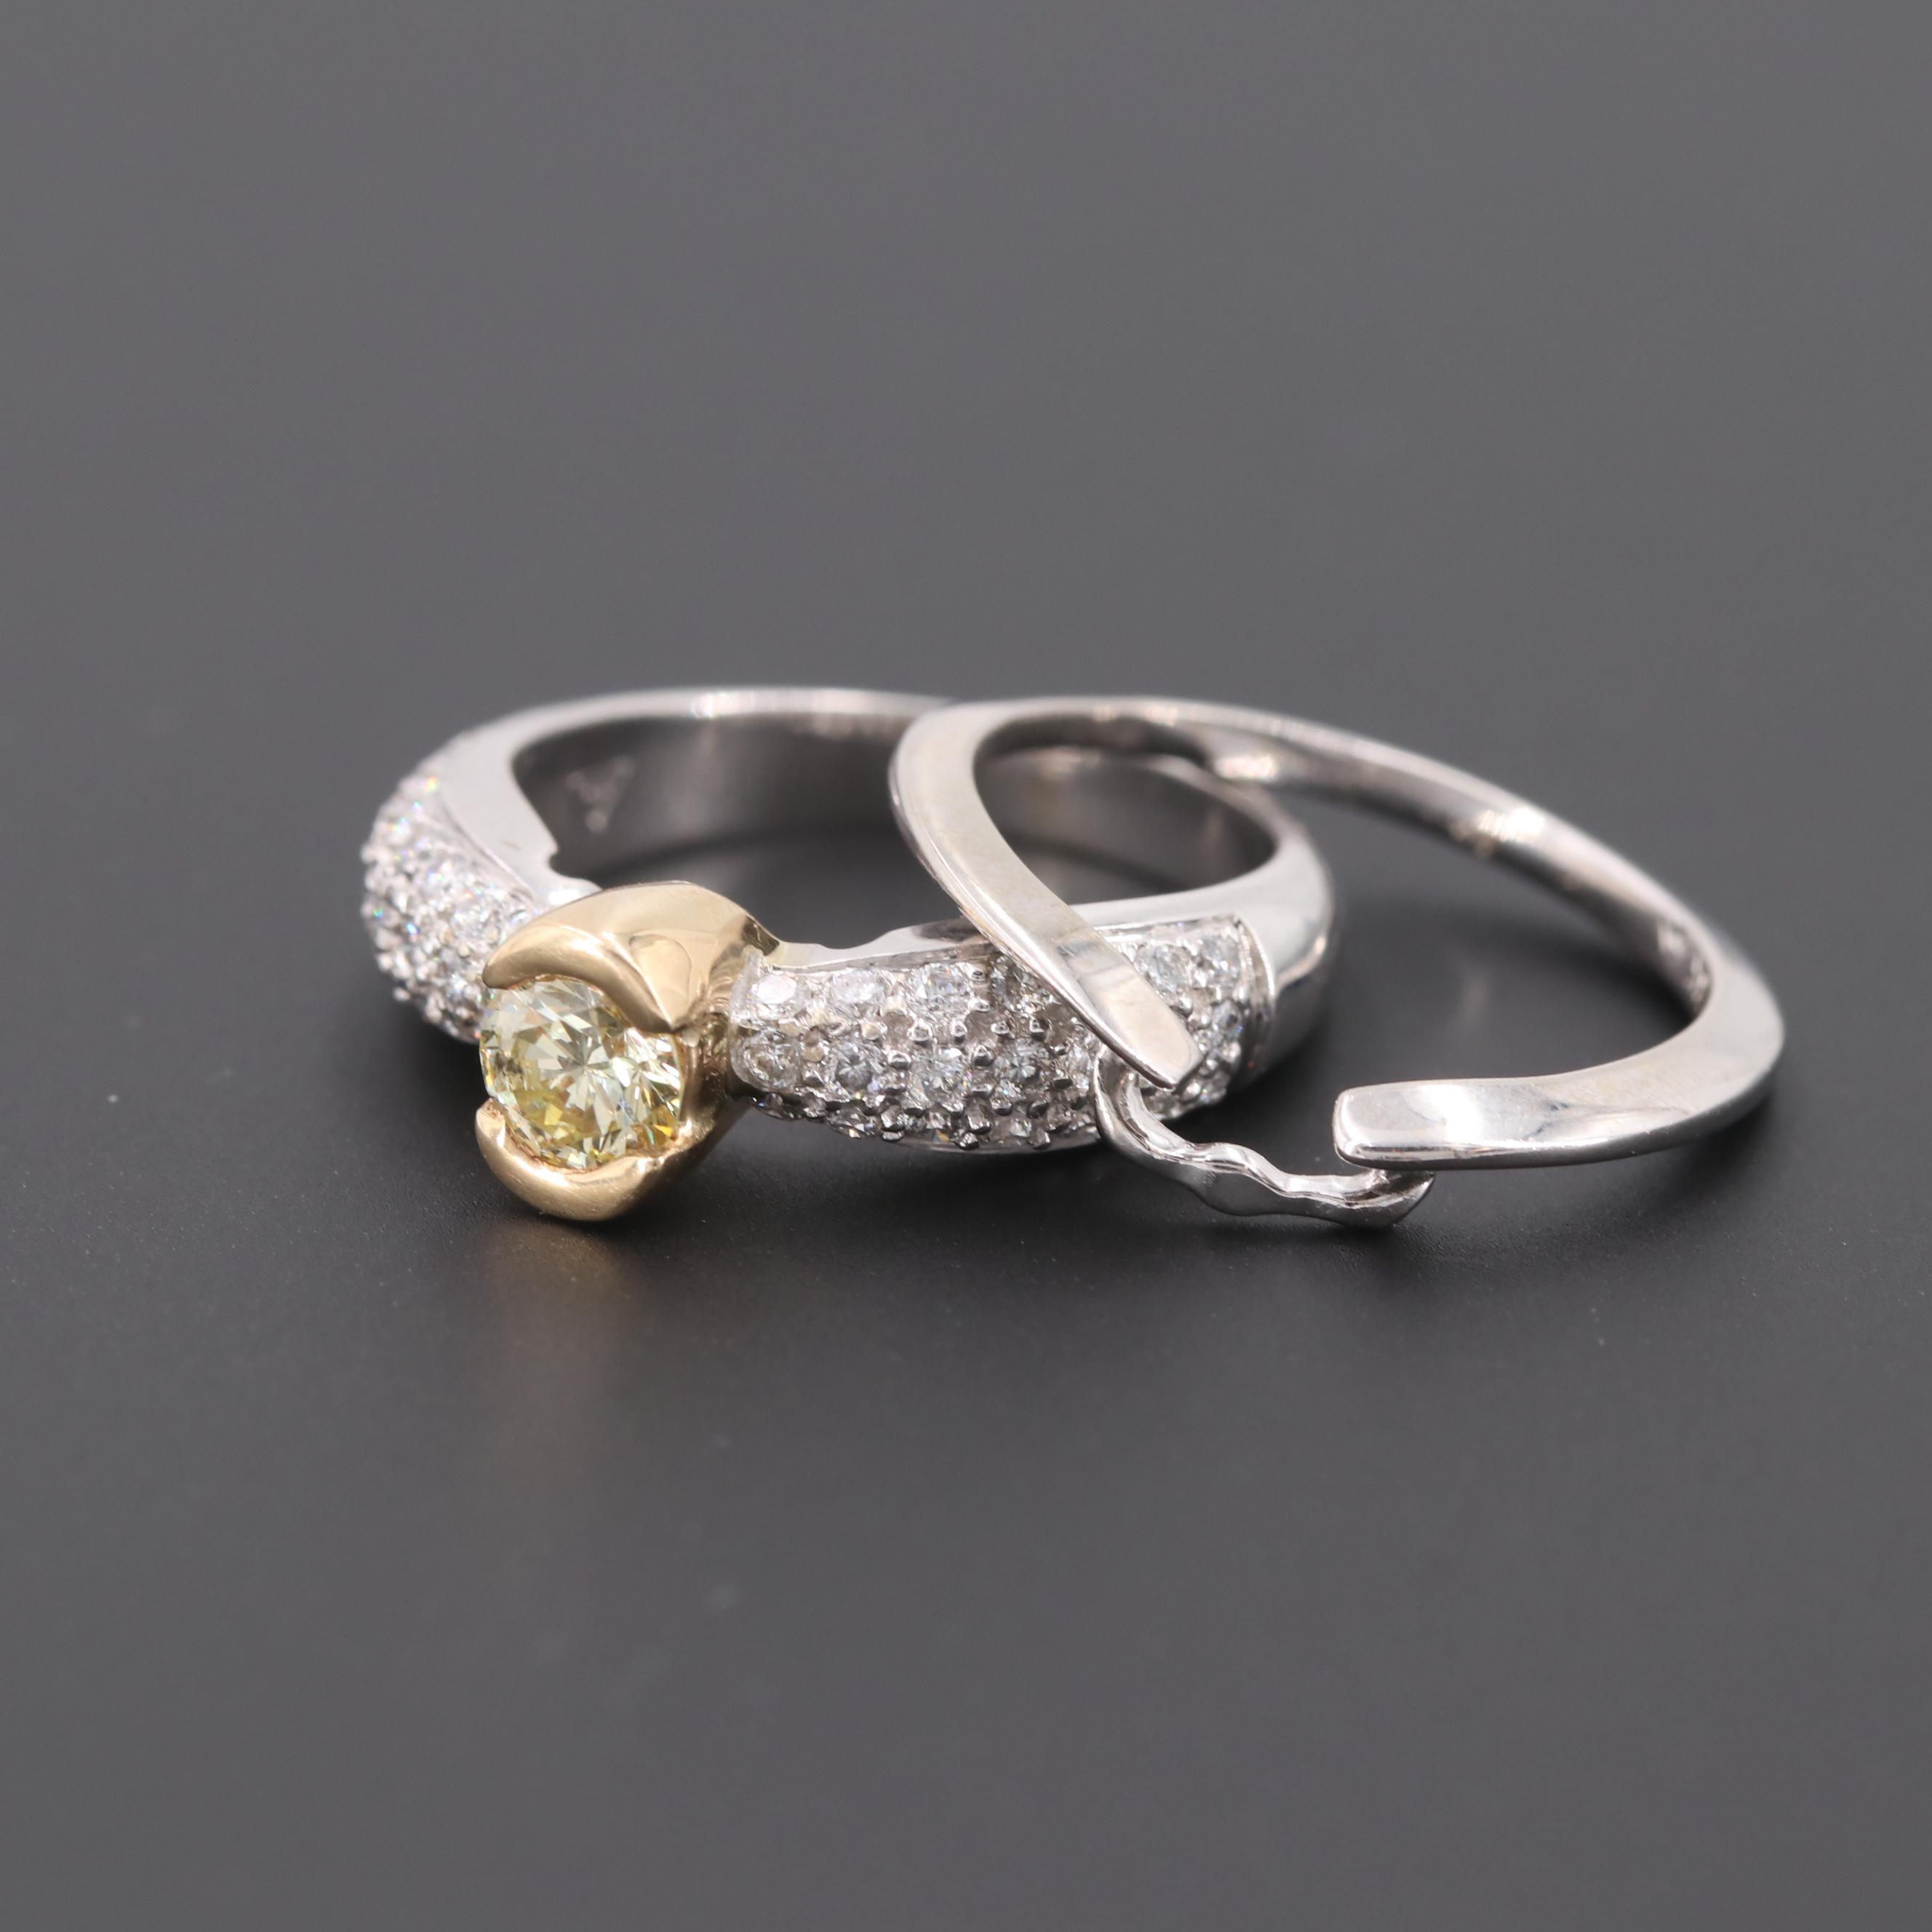 14K White Gold 1.02 CTW Diamond Interlocking Ring Set